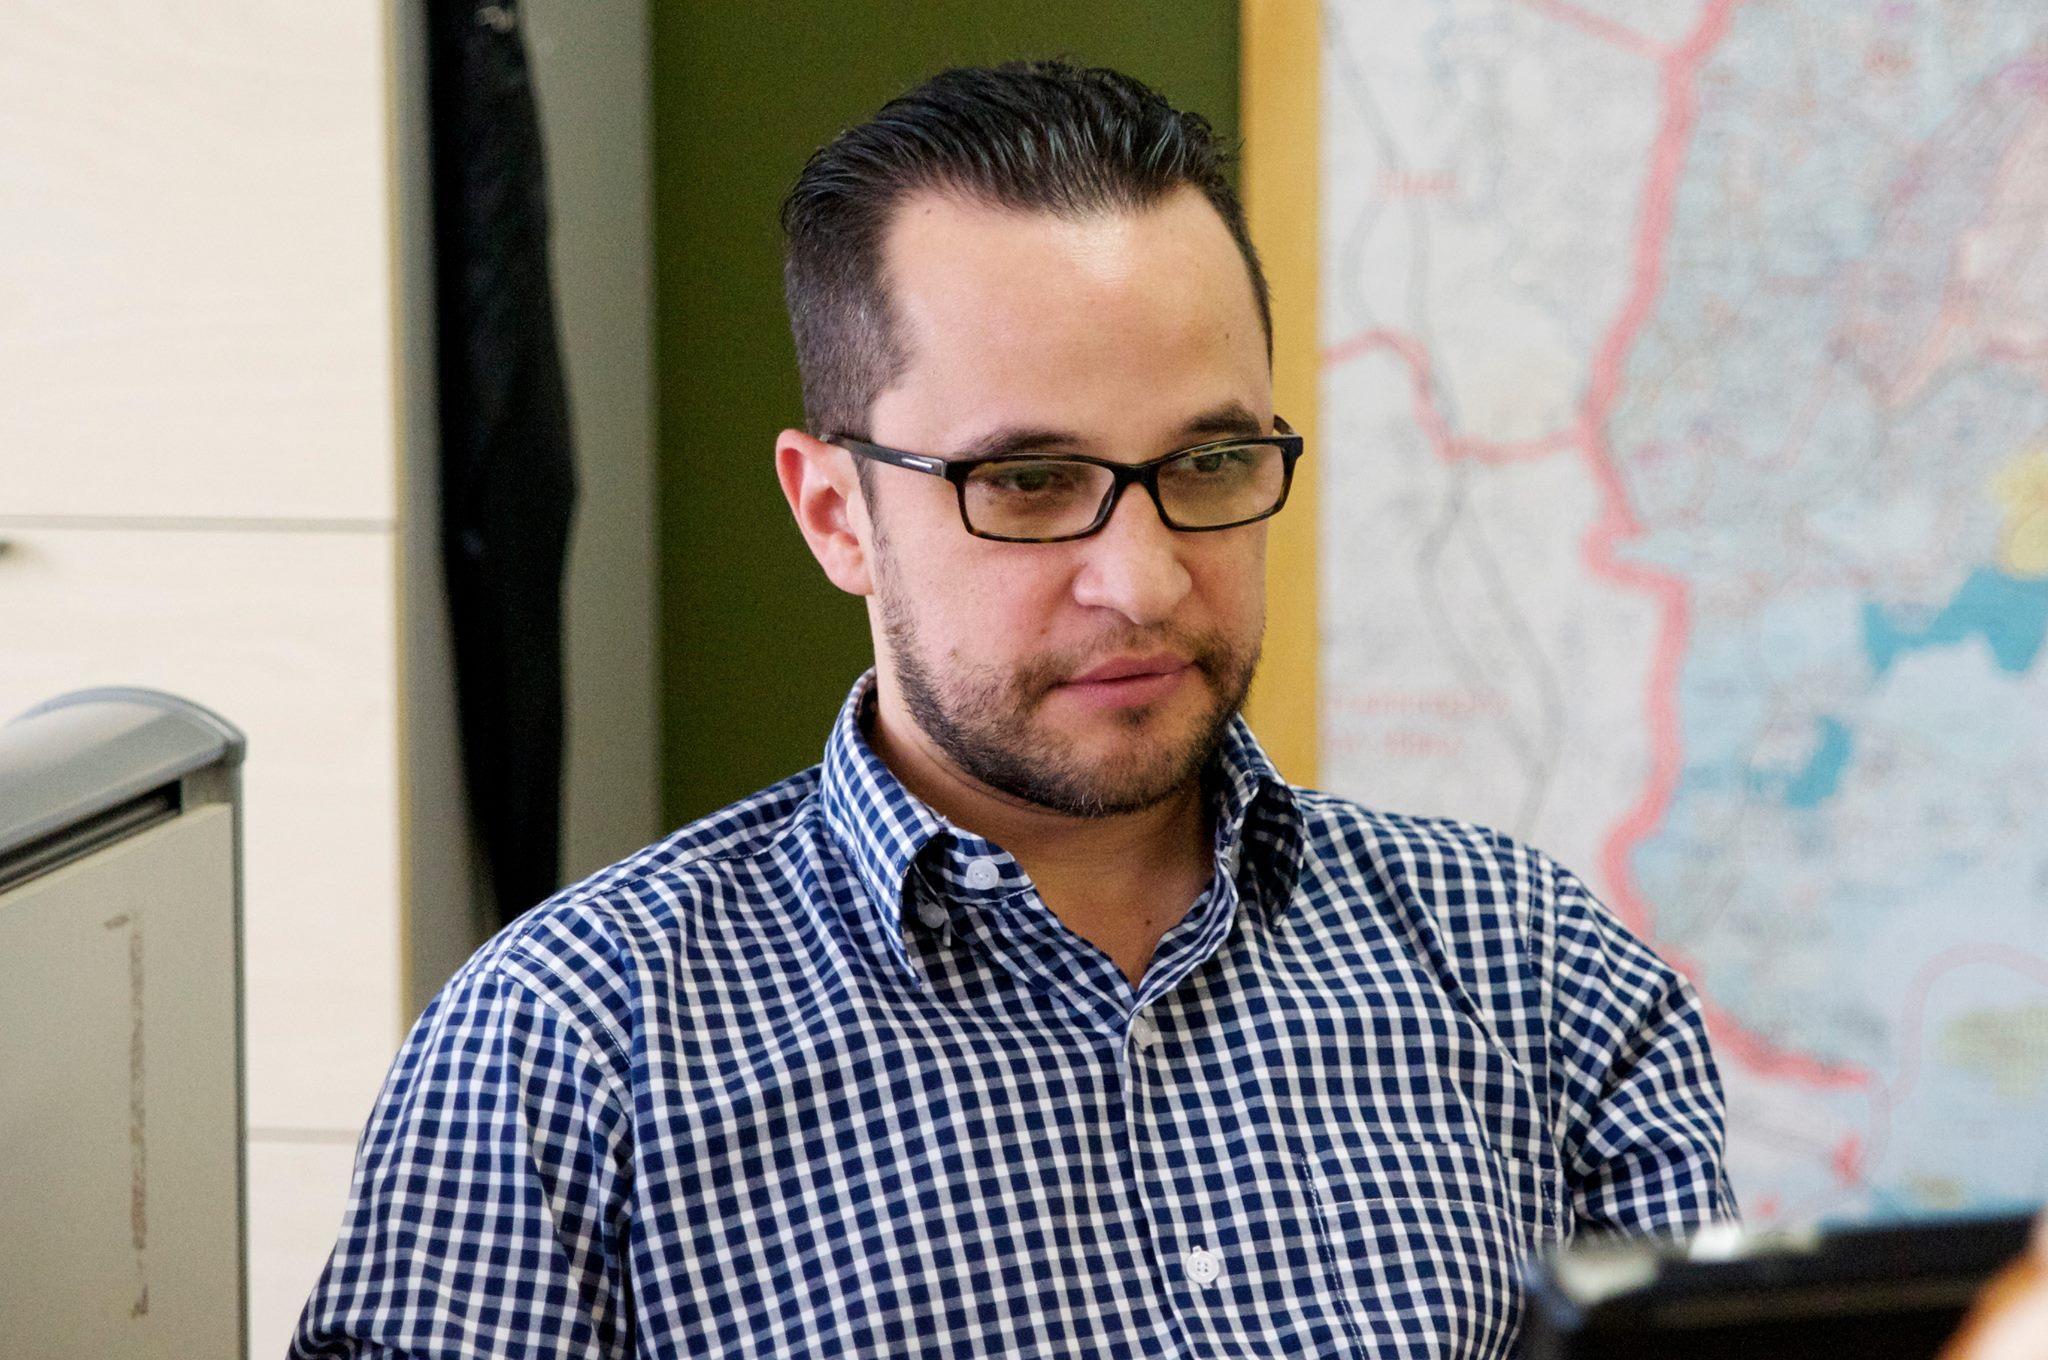 Subprefeito em um ambiente interno, com um mapa ao fundo, jovem, com rosto levemente barbado, óculos com armação preta, vestido de camisa social xadrez nas cores branca e azul, com olhar direcionado para um tablet em suas mãos.